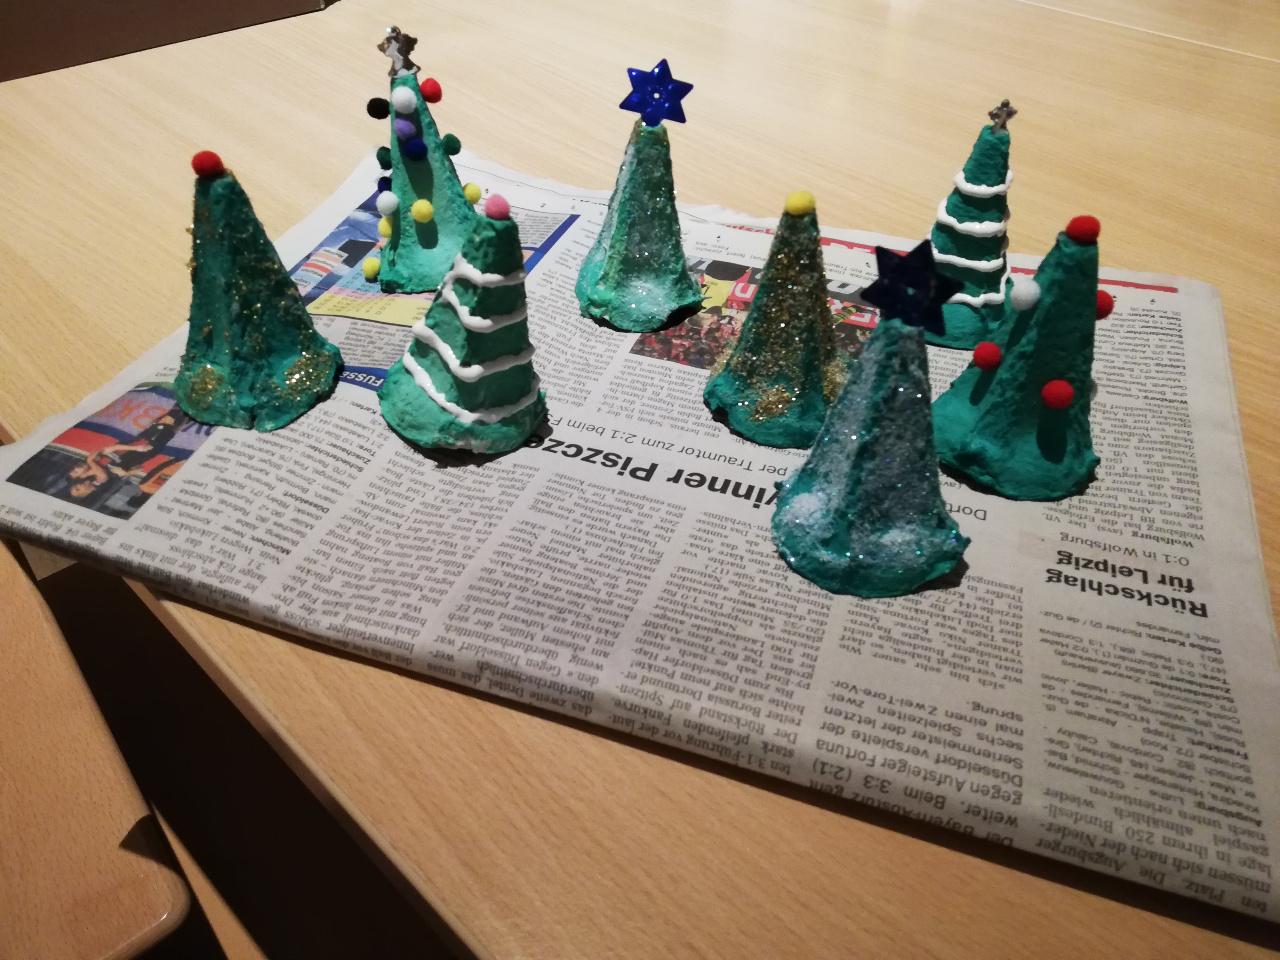 Weihnachten als Alleinerziehende, Geschenke, Adventskalender, Backen und Basteln als Alleinerziehende